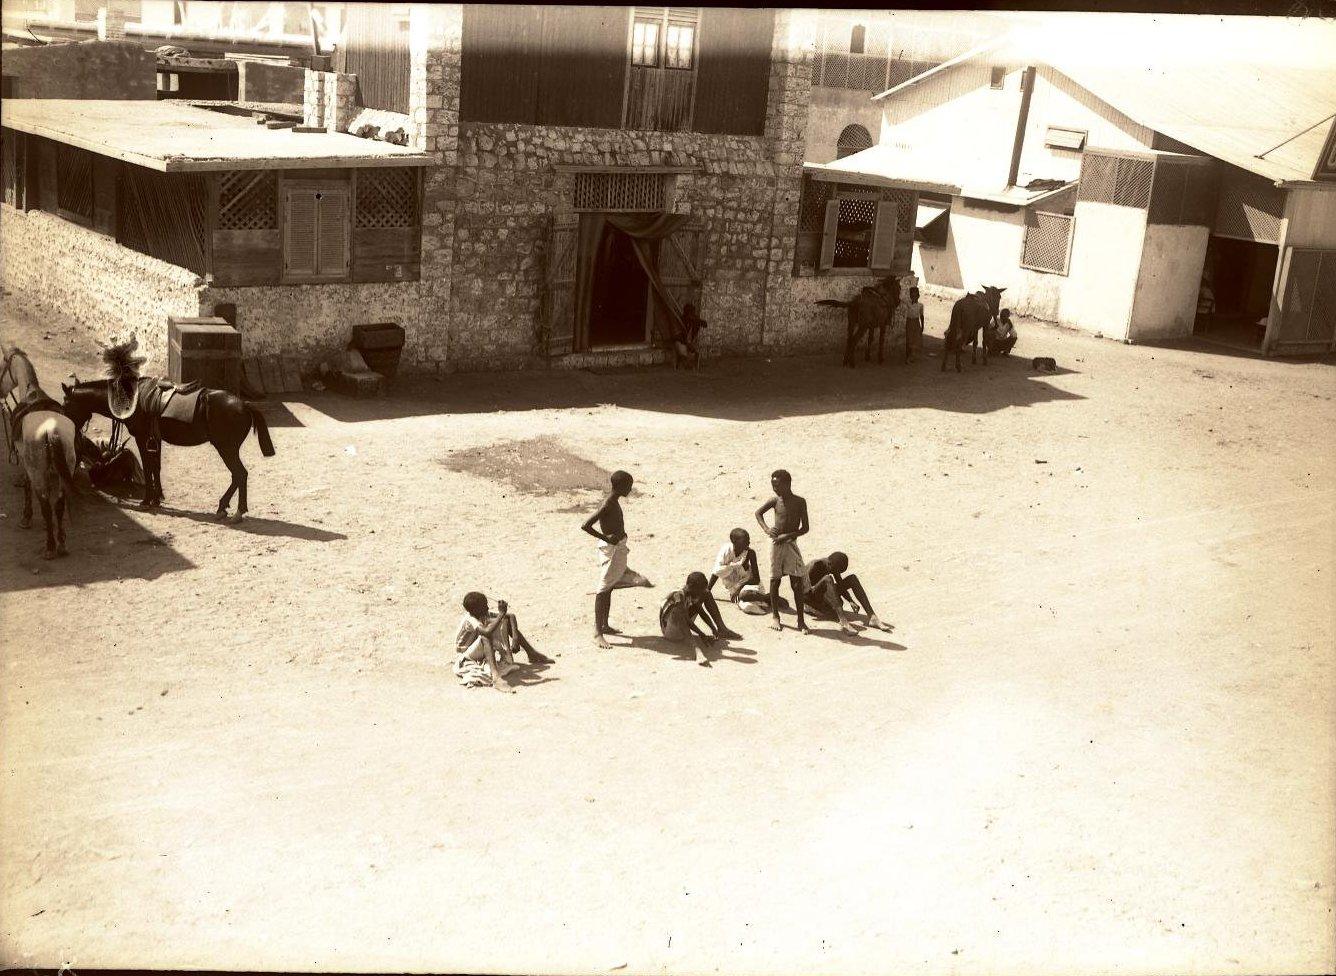 85. Джибути. «Скелеты» на песке группа сомалийцев